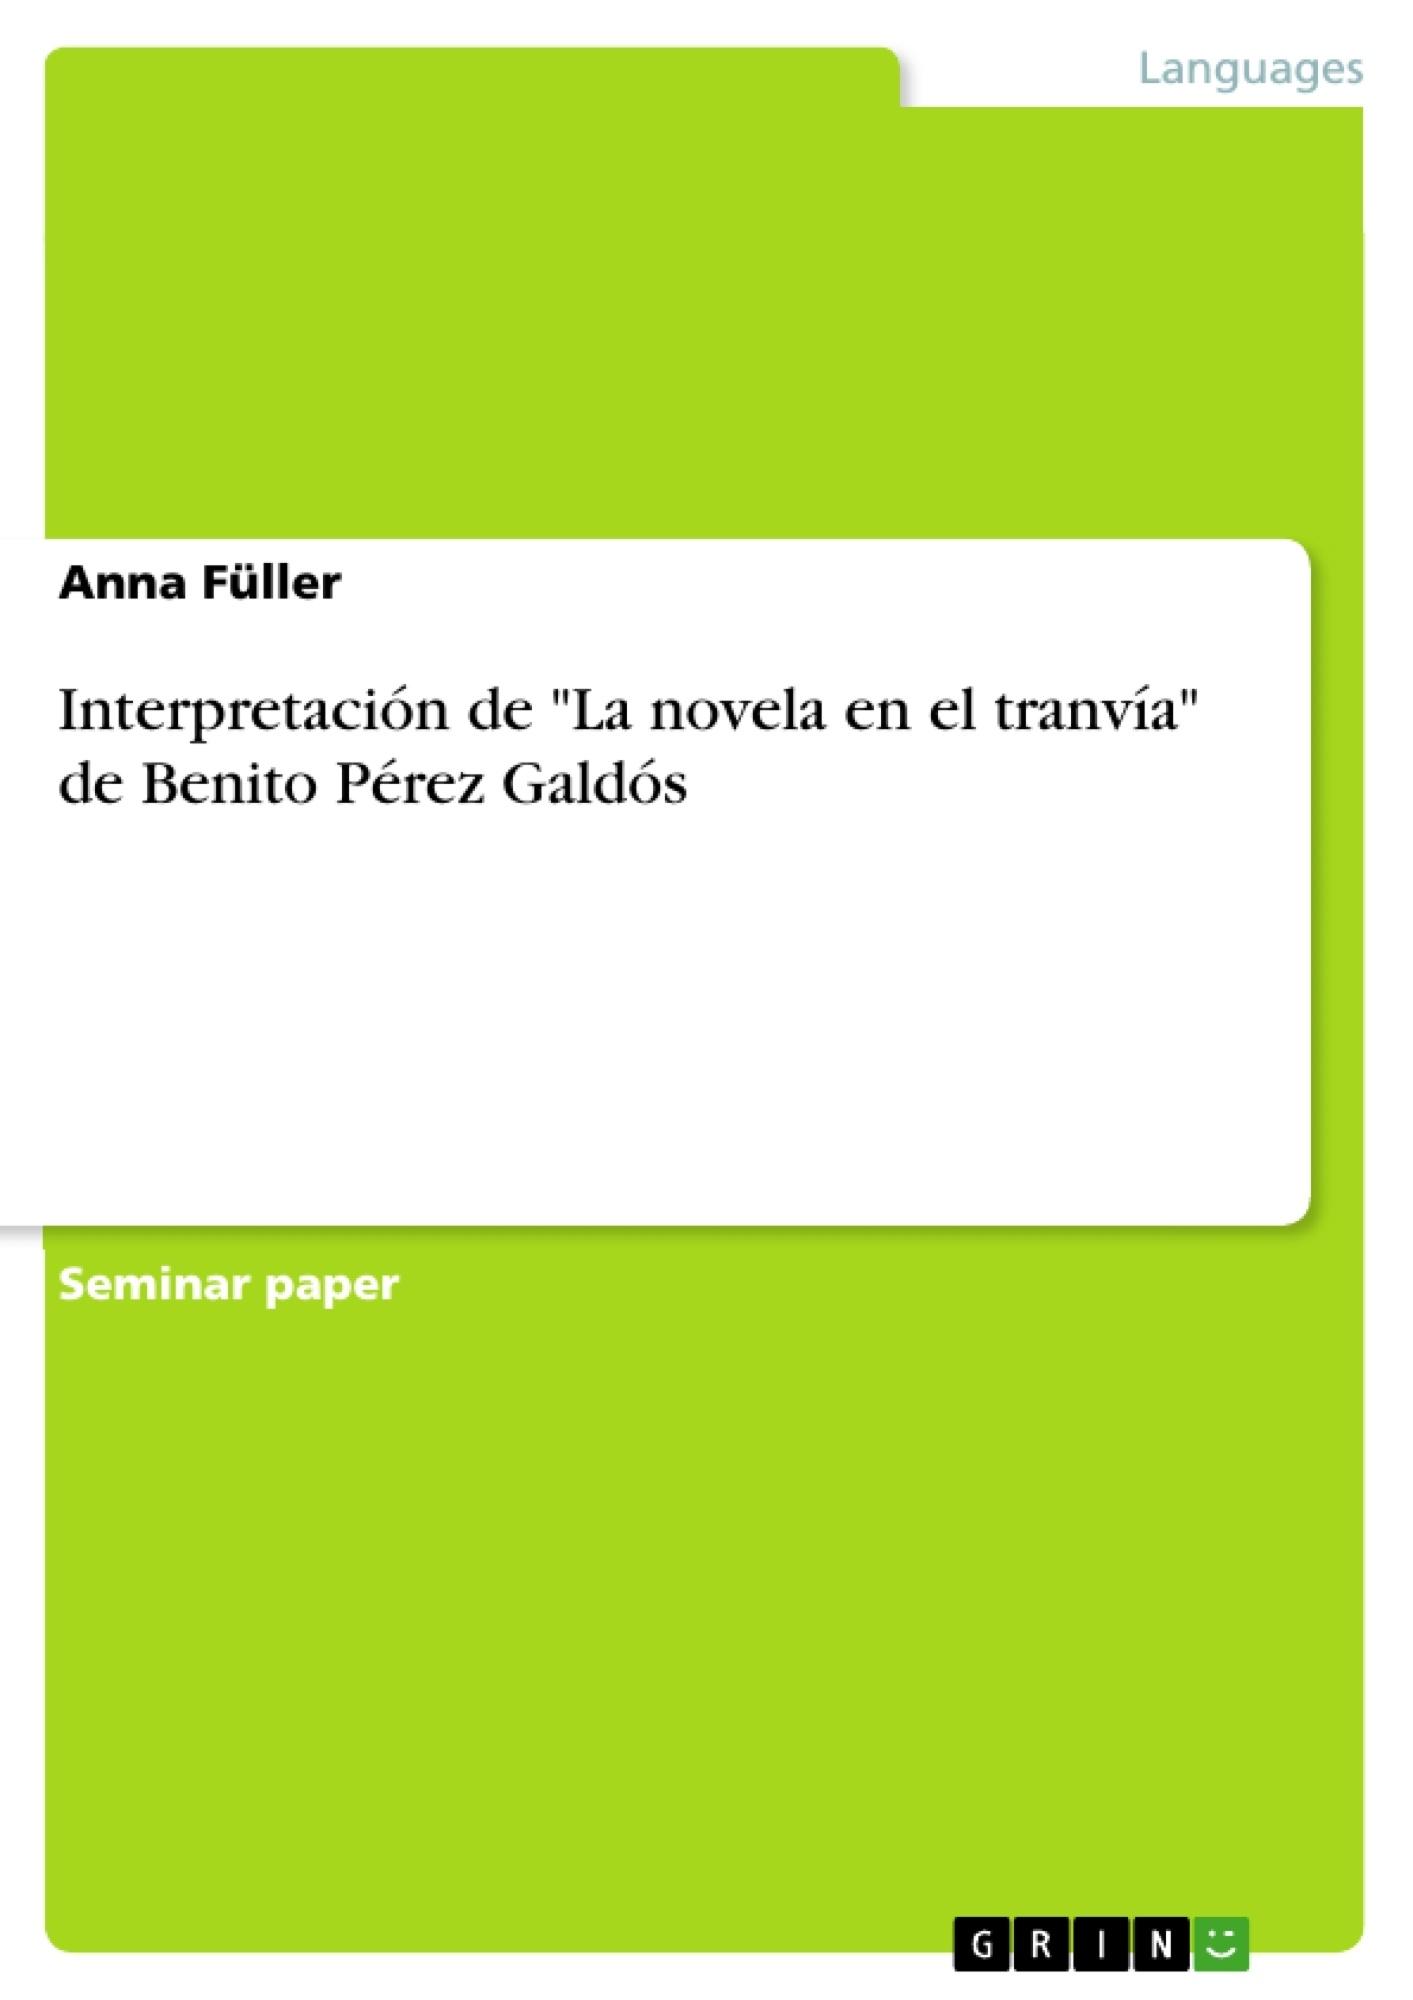 """Título: Interpretación de """"La novela en el tranvía"""" de Benito Pérez Galdós"""